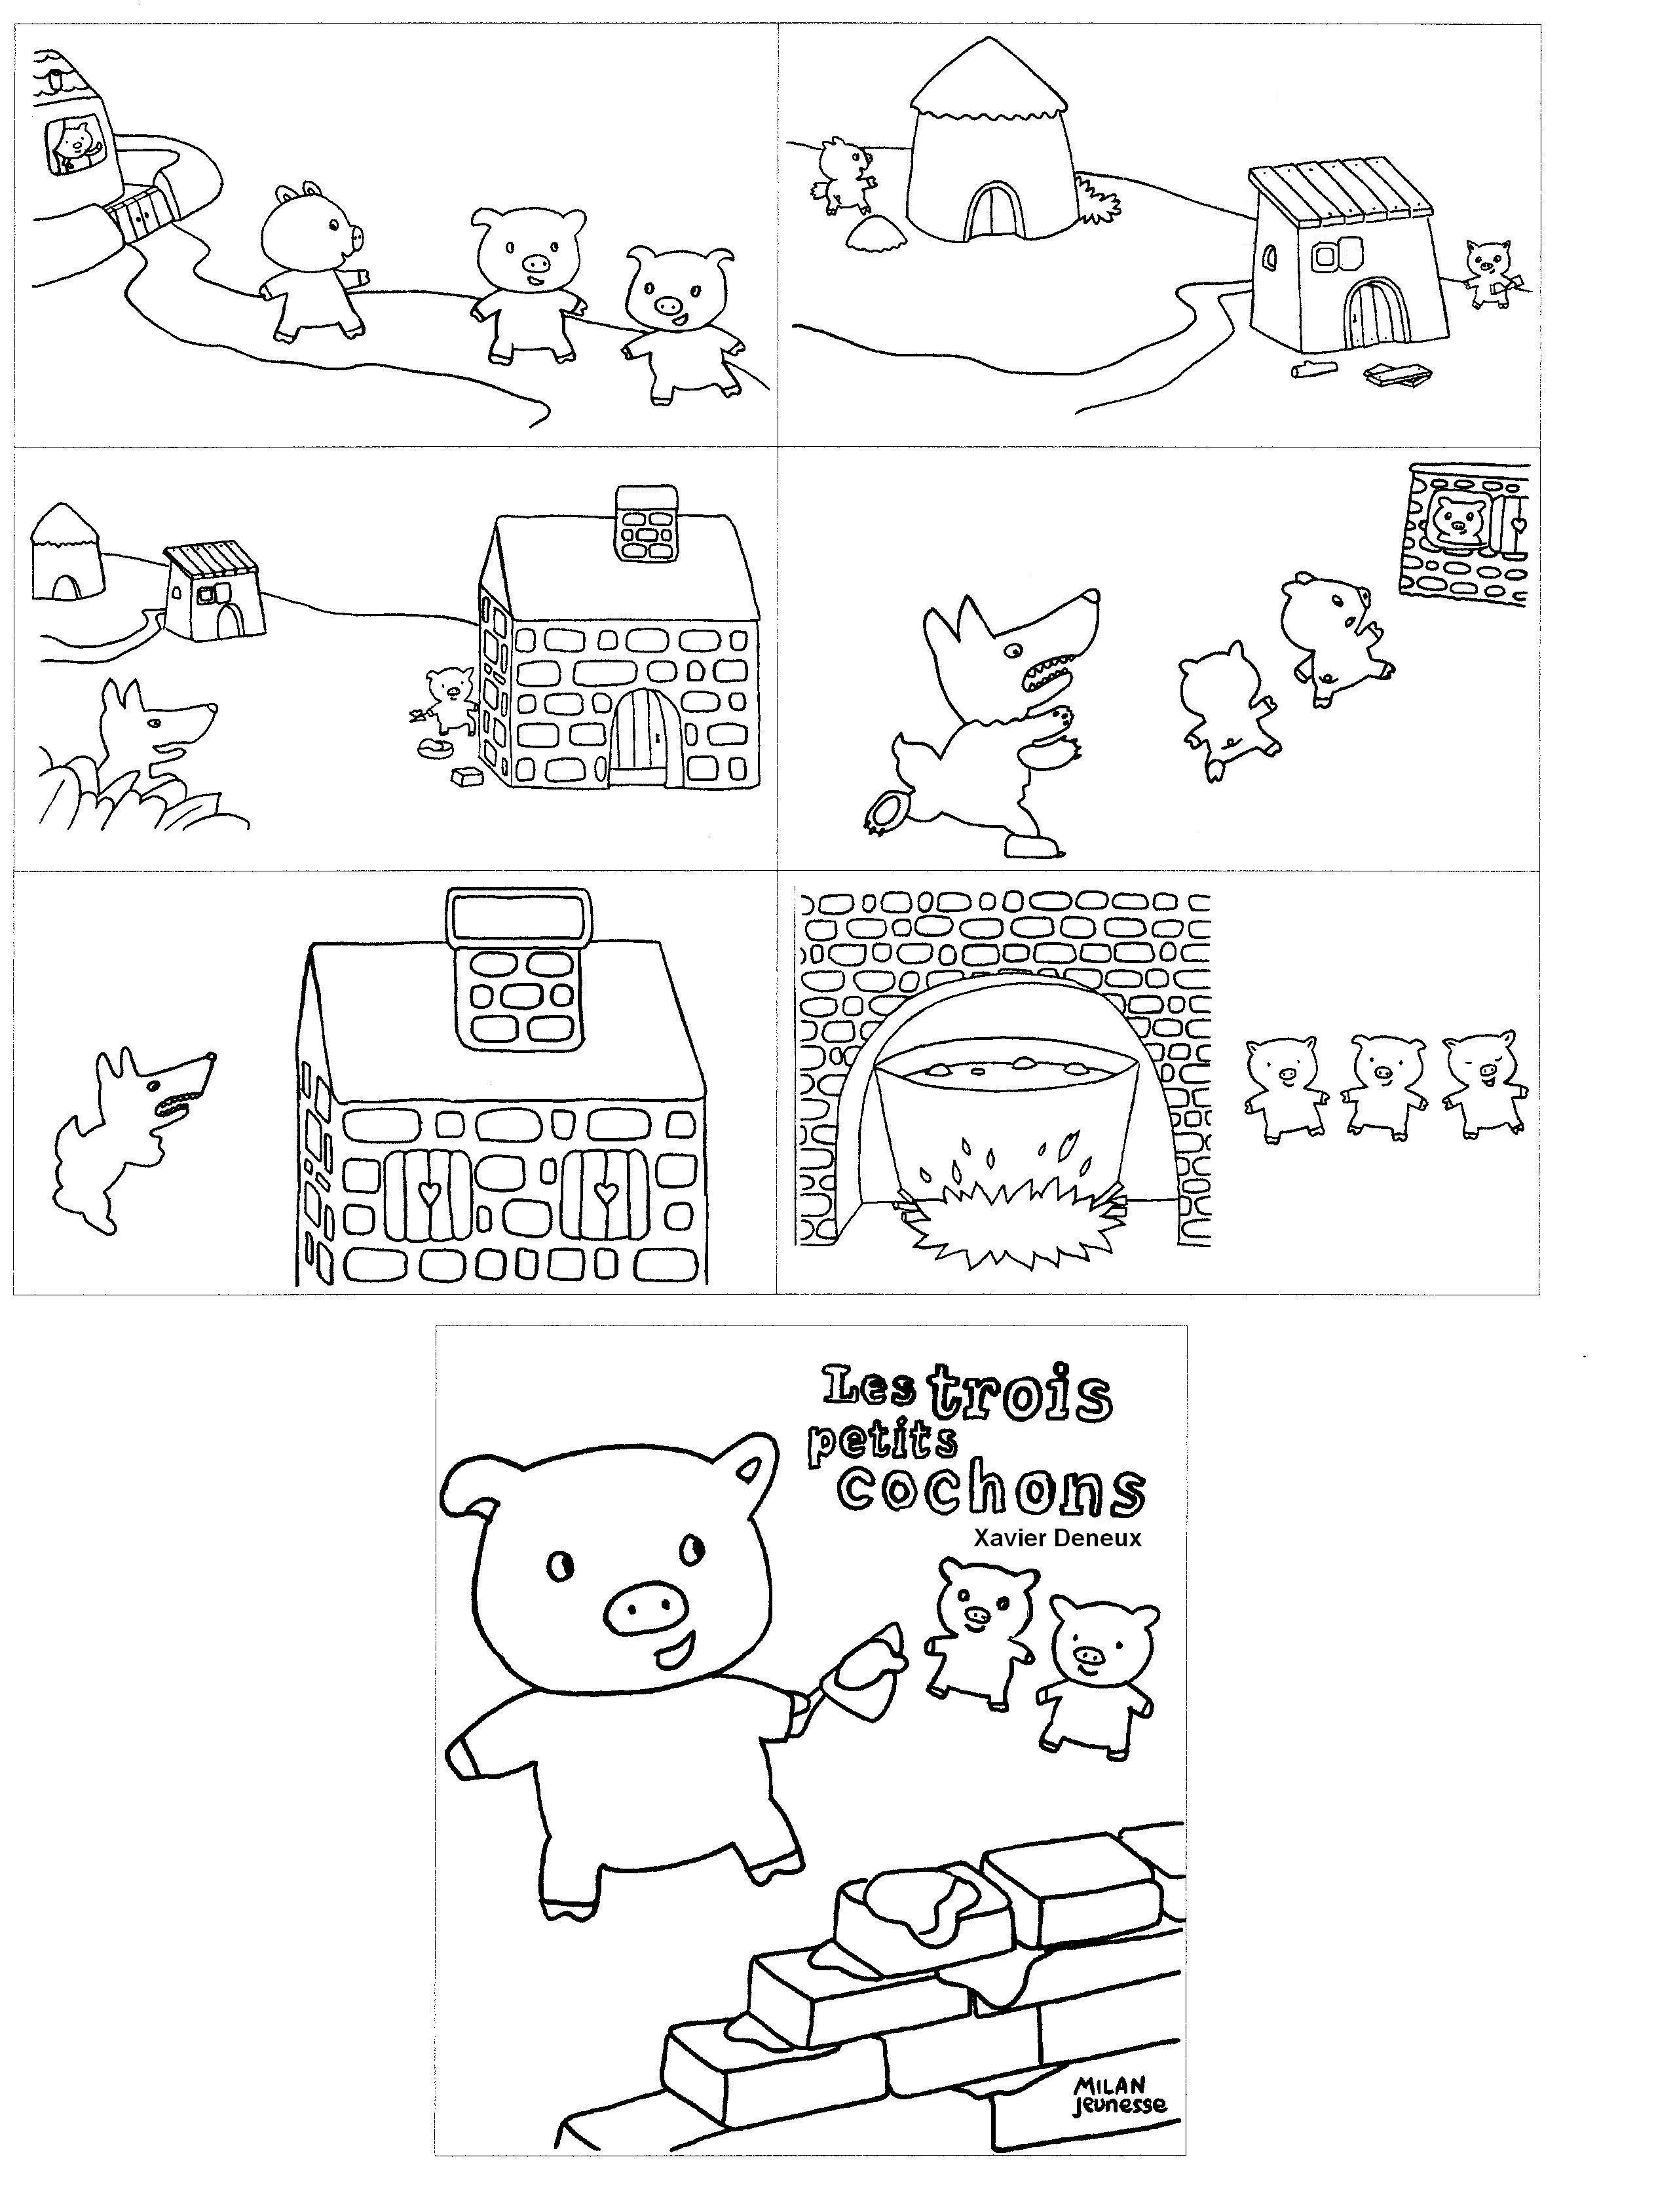 Les Trois Petit Cochons Maternelle Petite Section : trois, petit, cochons, maternelle, petite, section, Images, Sequentielles, Biggetjes,, Sprookjes